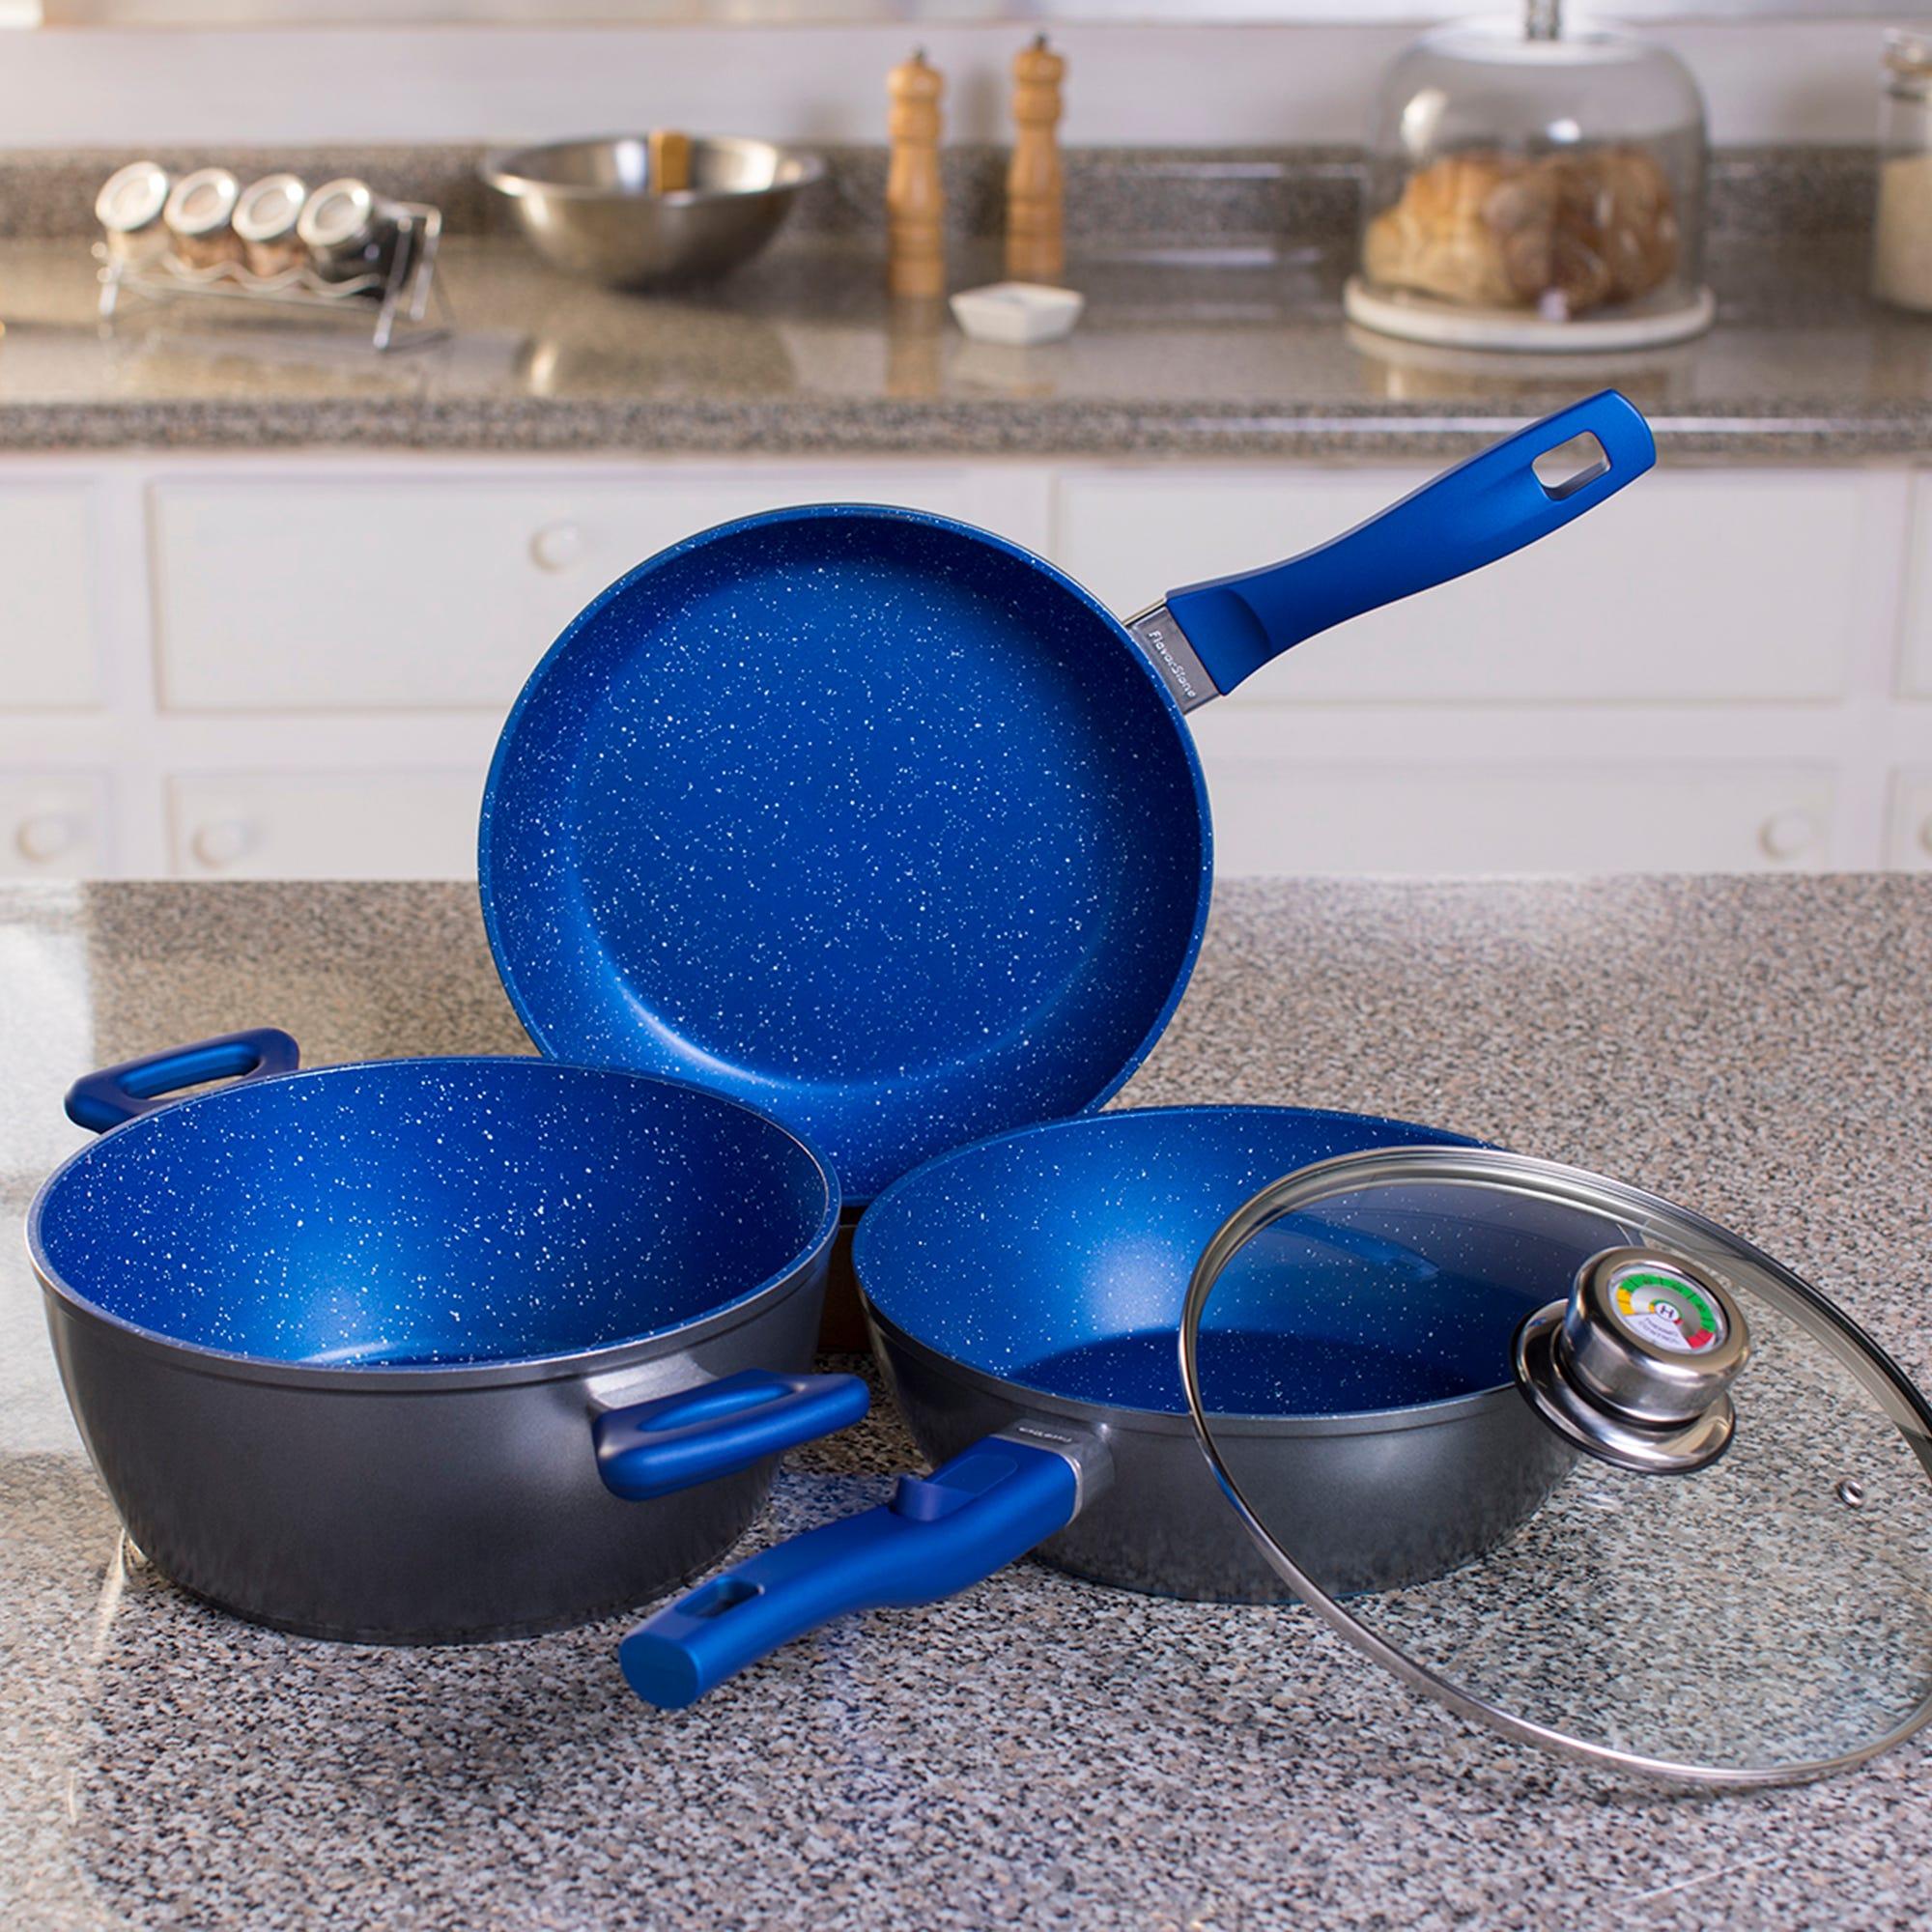 Set de sartenes Master Flavor Stone en azul